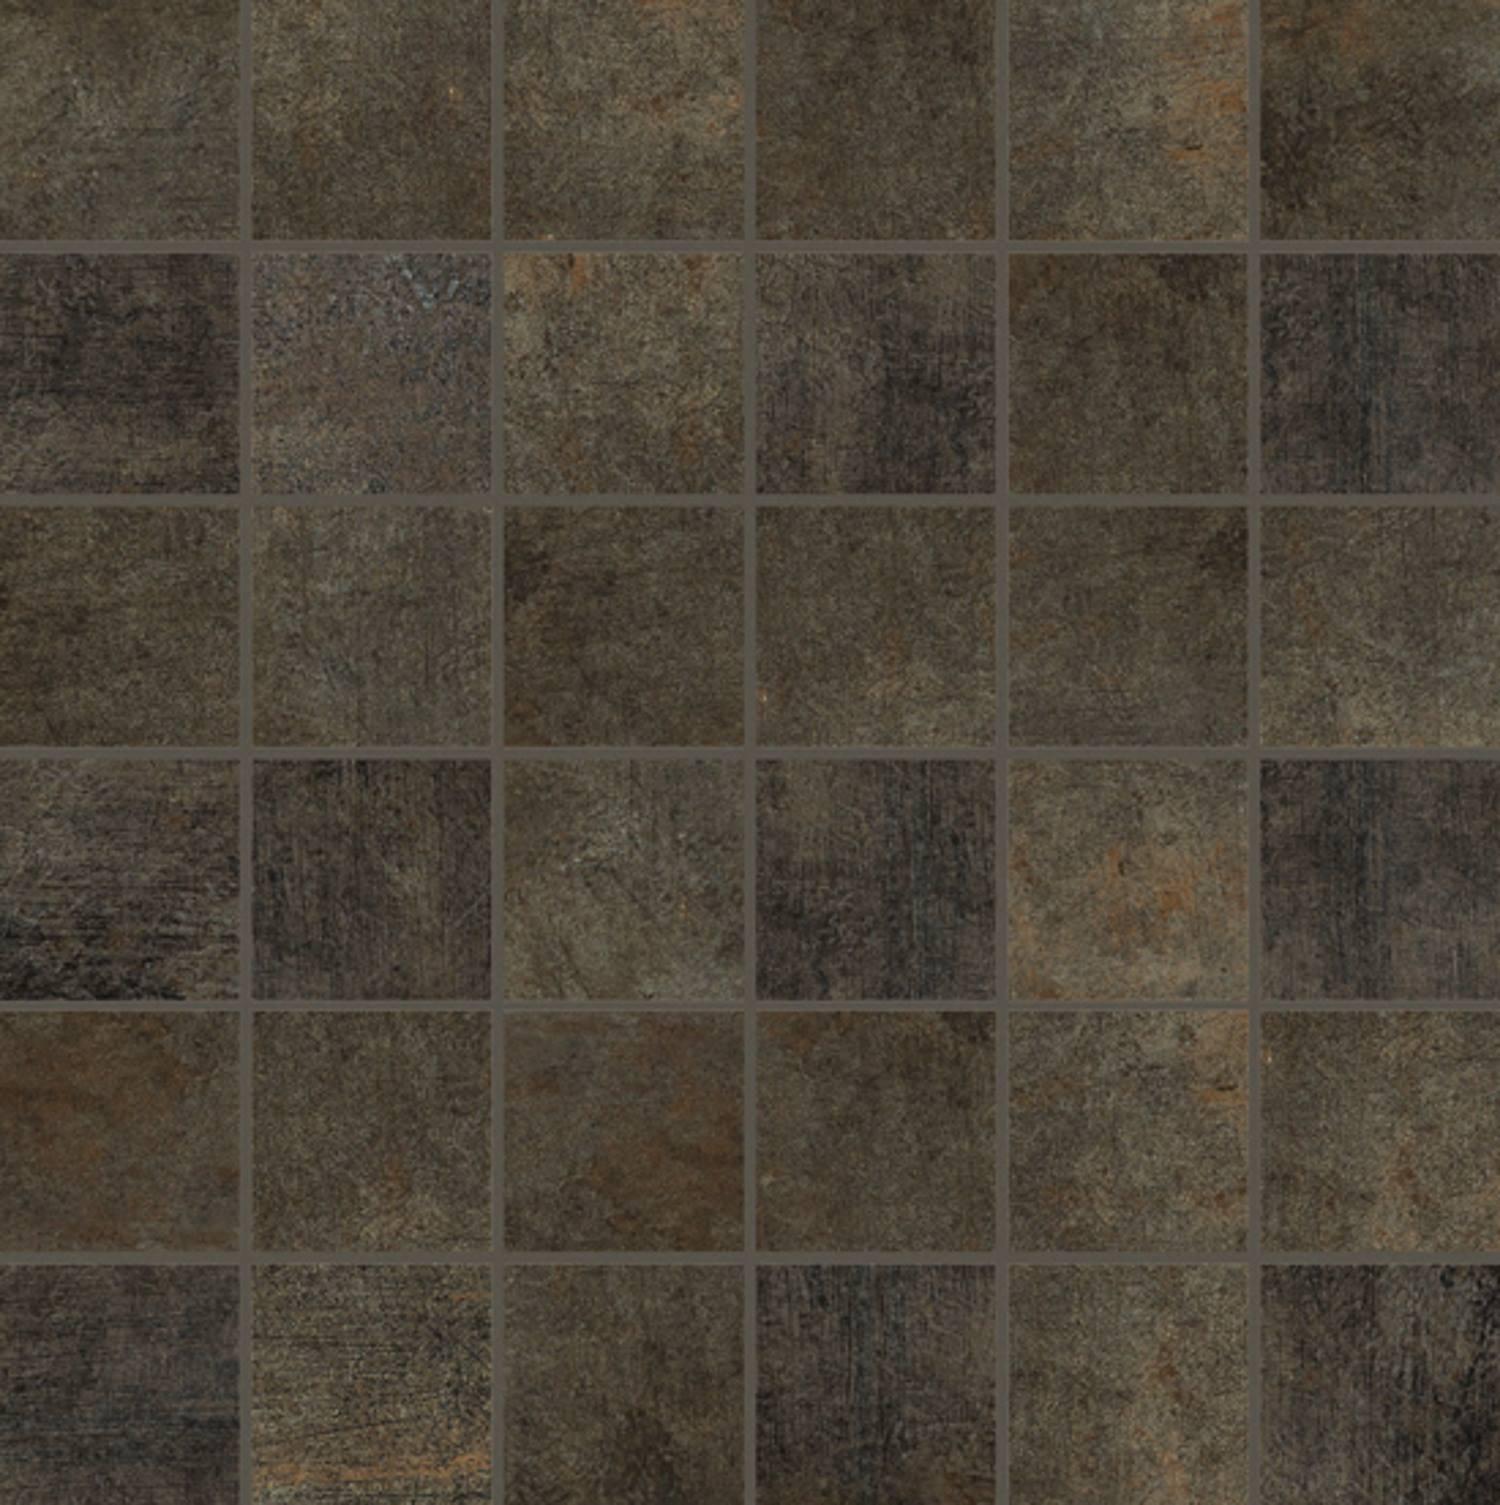 Mozaiek Douglas & Jones Matieres de Rex Manor 30x30 cm Barrique per m2 Matieres